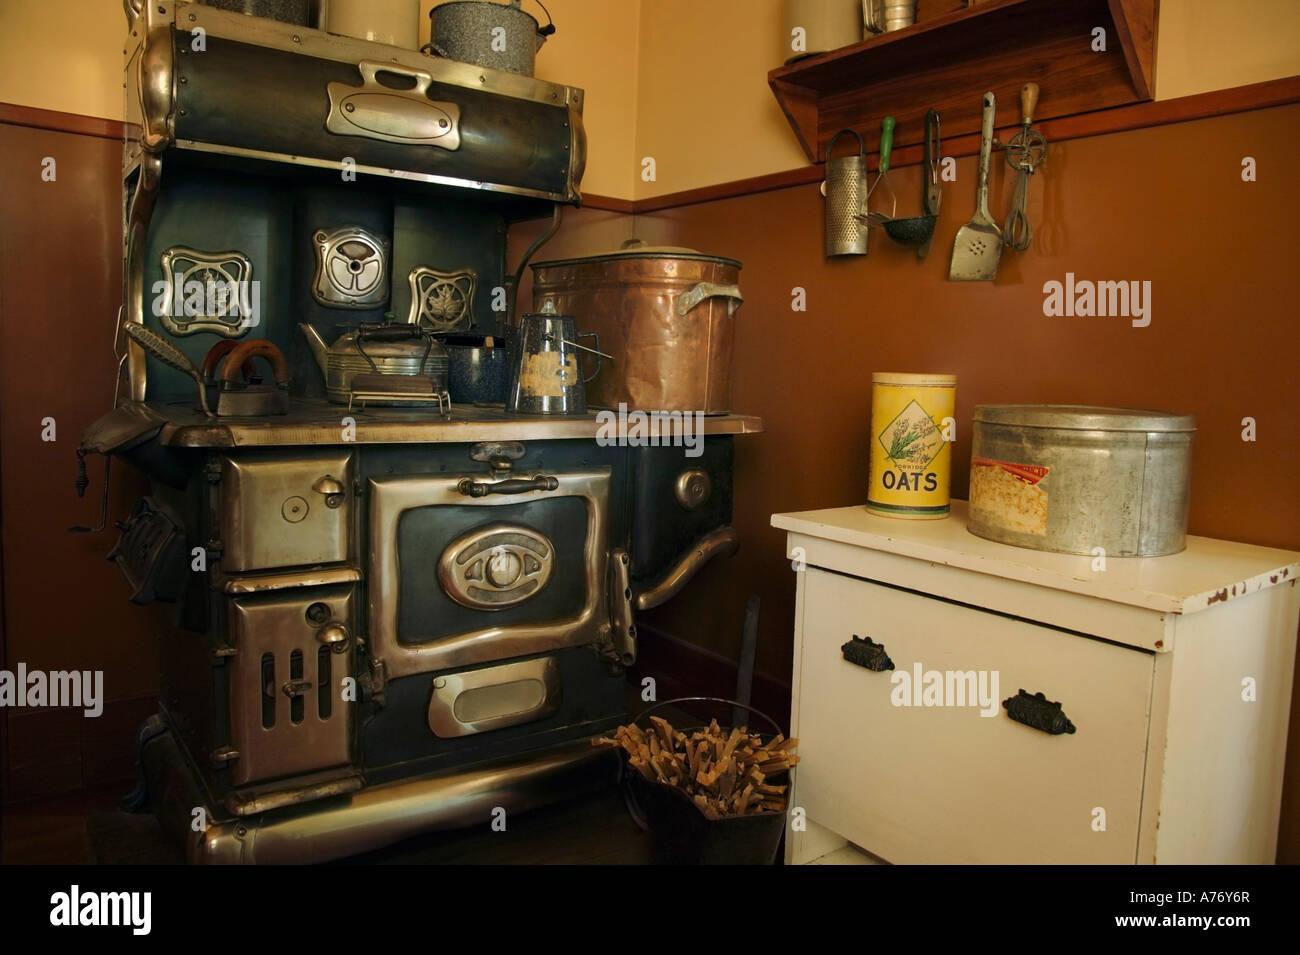 Top Altmodische Küche Stockfoto, Bild: 11744062 - Alamy RP09